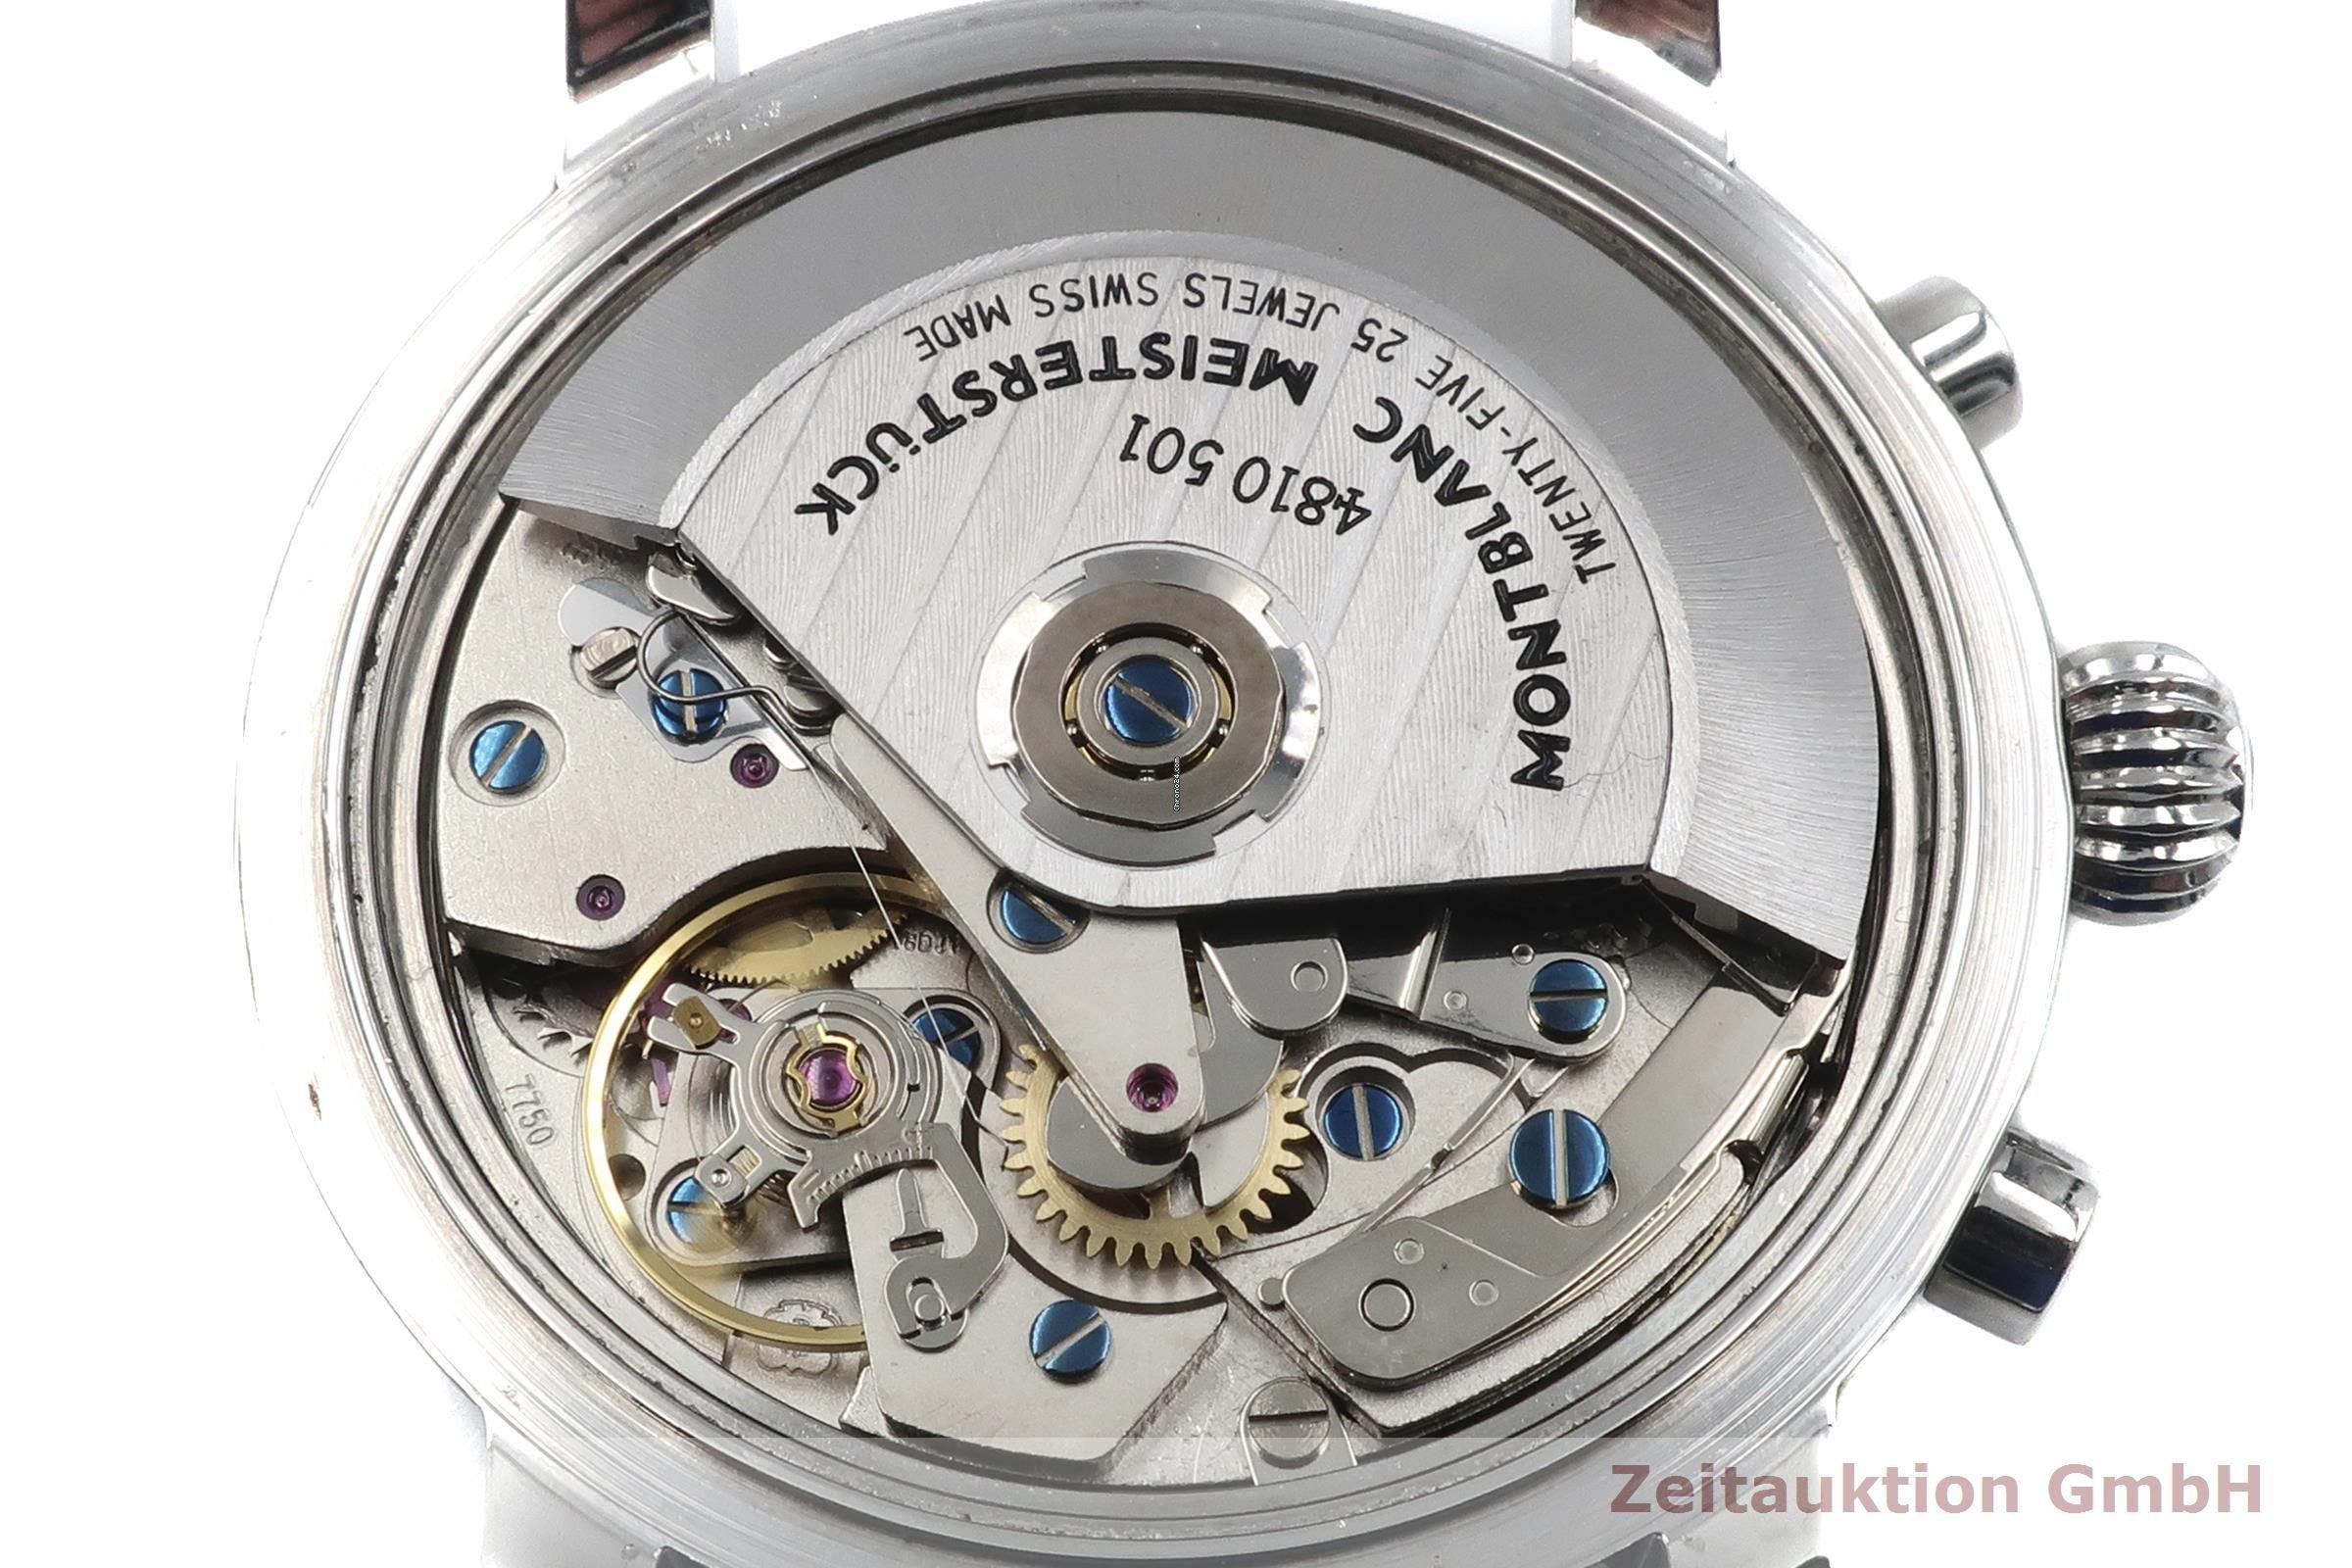 Montblanc 501 стоимость meisterstuck 4810 часы скупка ростов часы